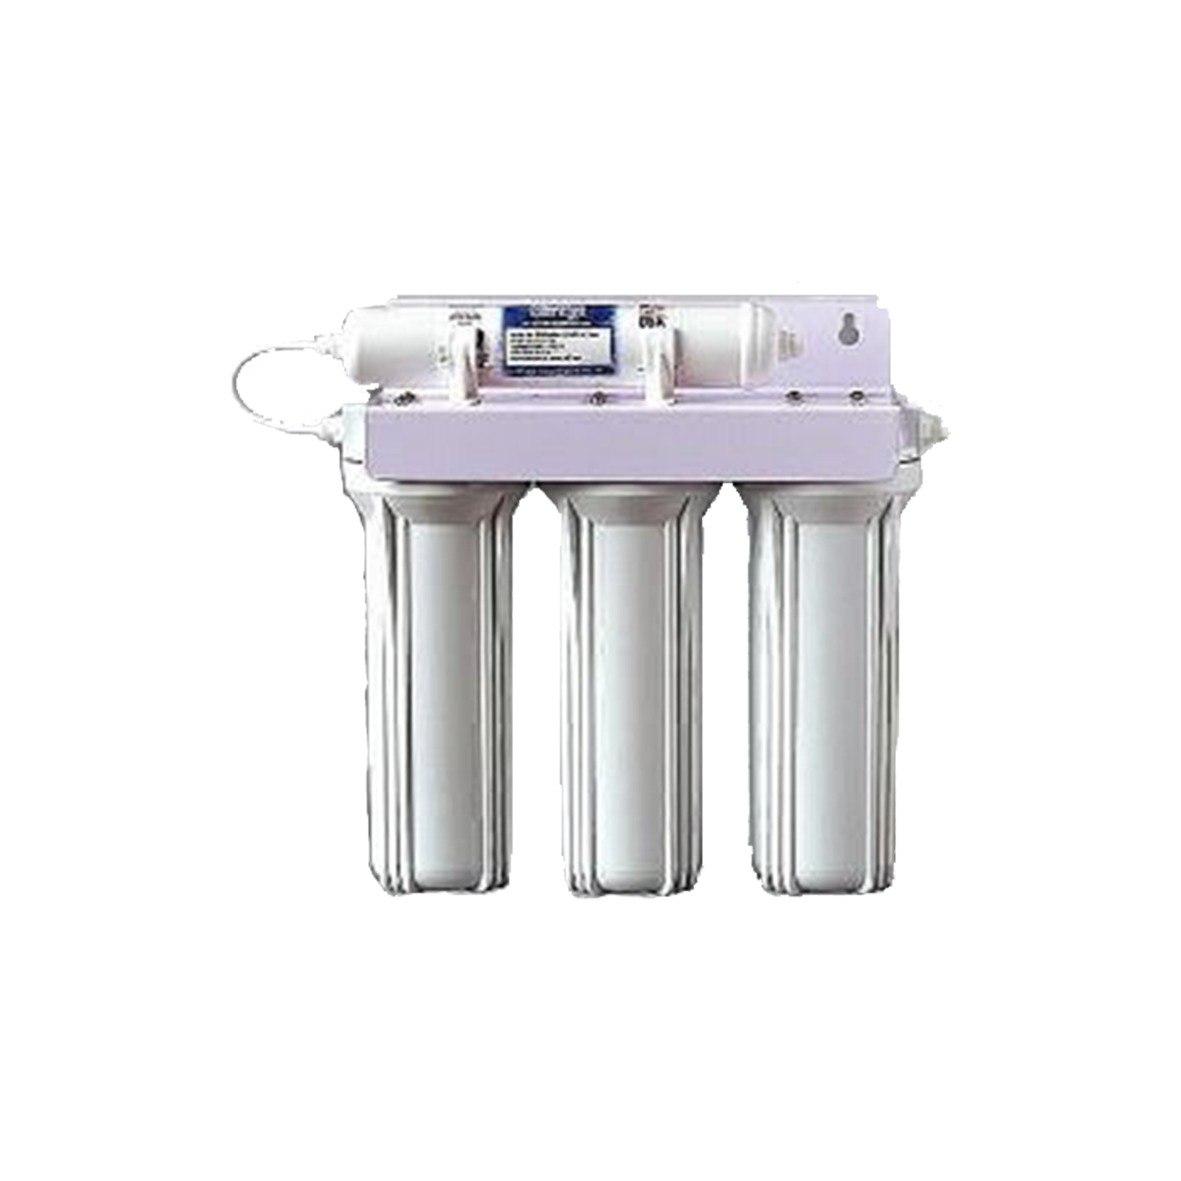 מערכת סינון מים 3+1